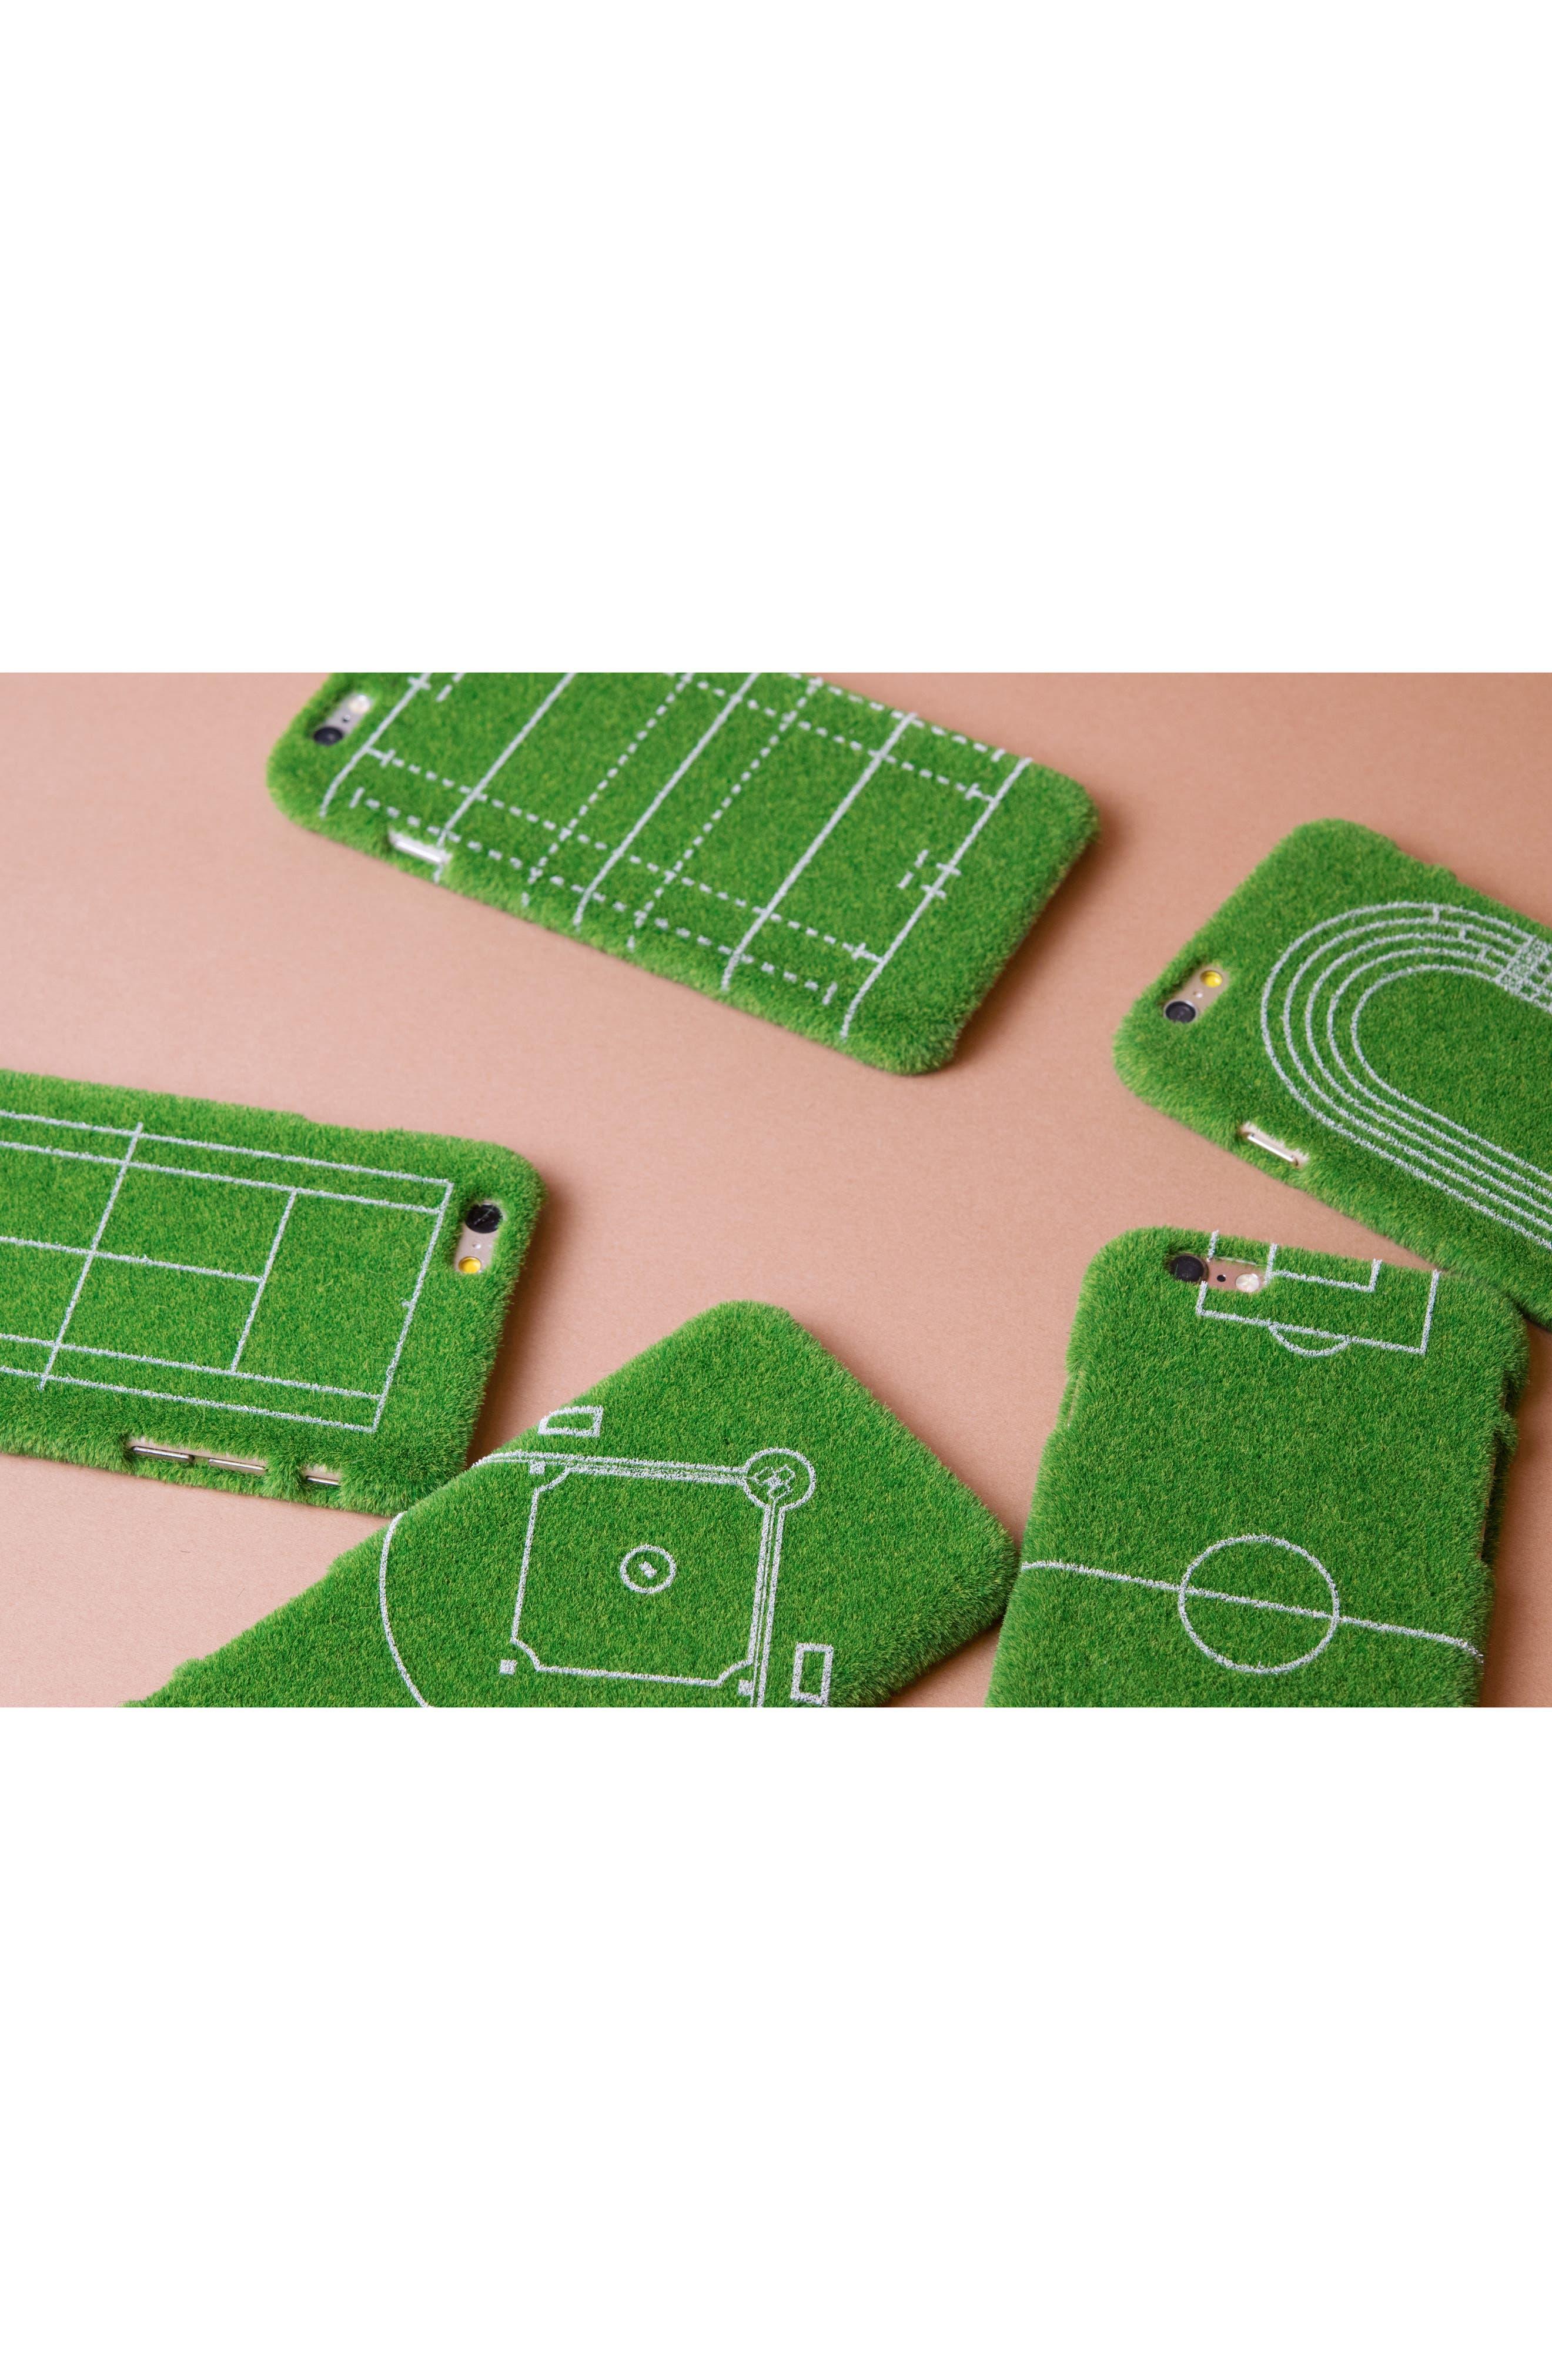 Super Bowl Portable Park iPhone 7 & iPhone 7 Plus Case,                             Alternate thumbnail 6, color,                             300